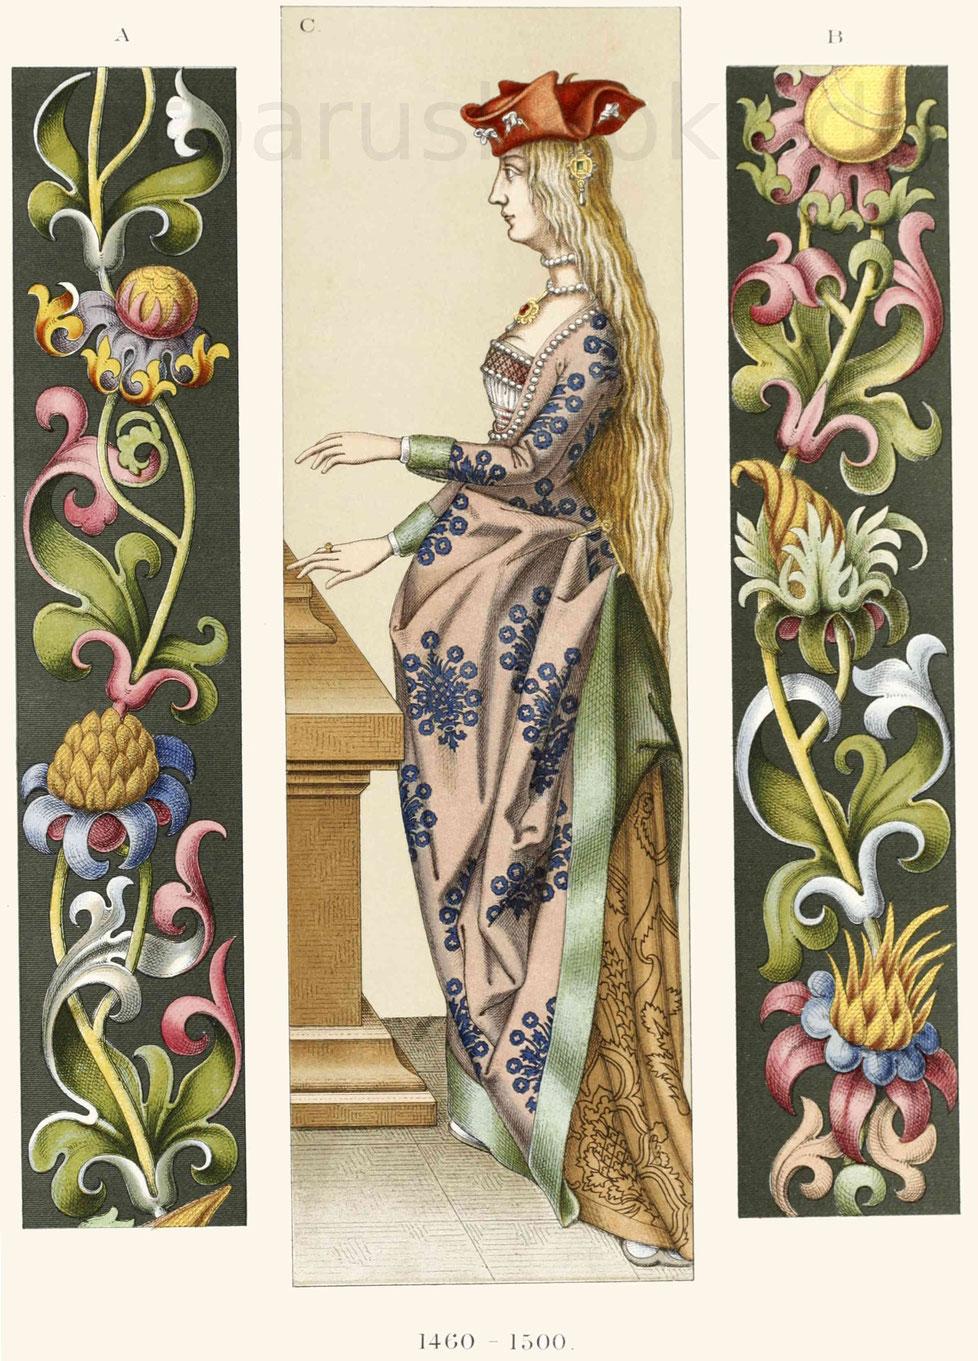 Frauentracht und textile Arbeit aus der zweiten Hälfte des 15. Jahrhunderts.